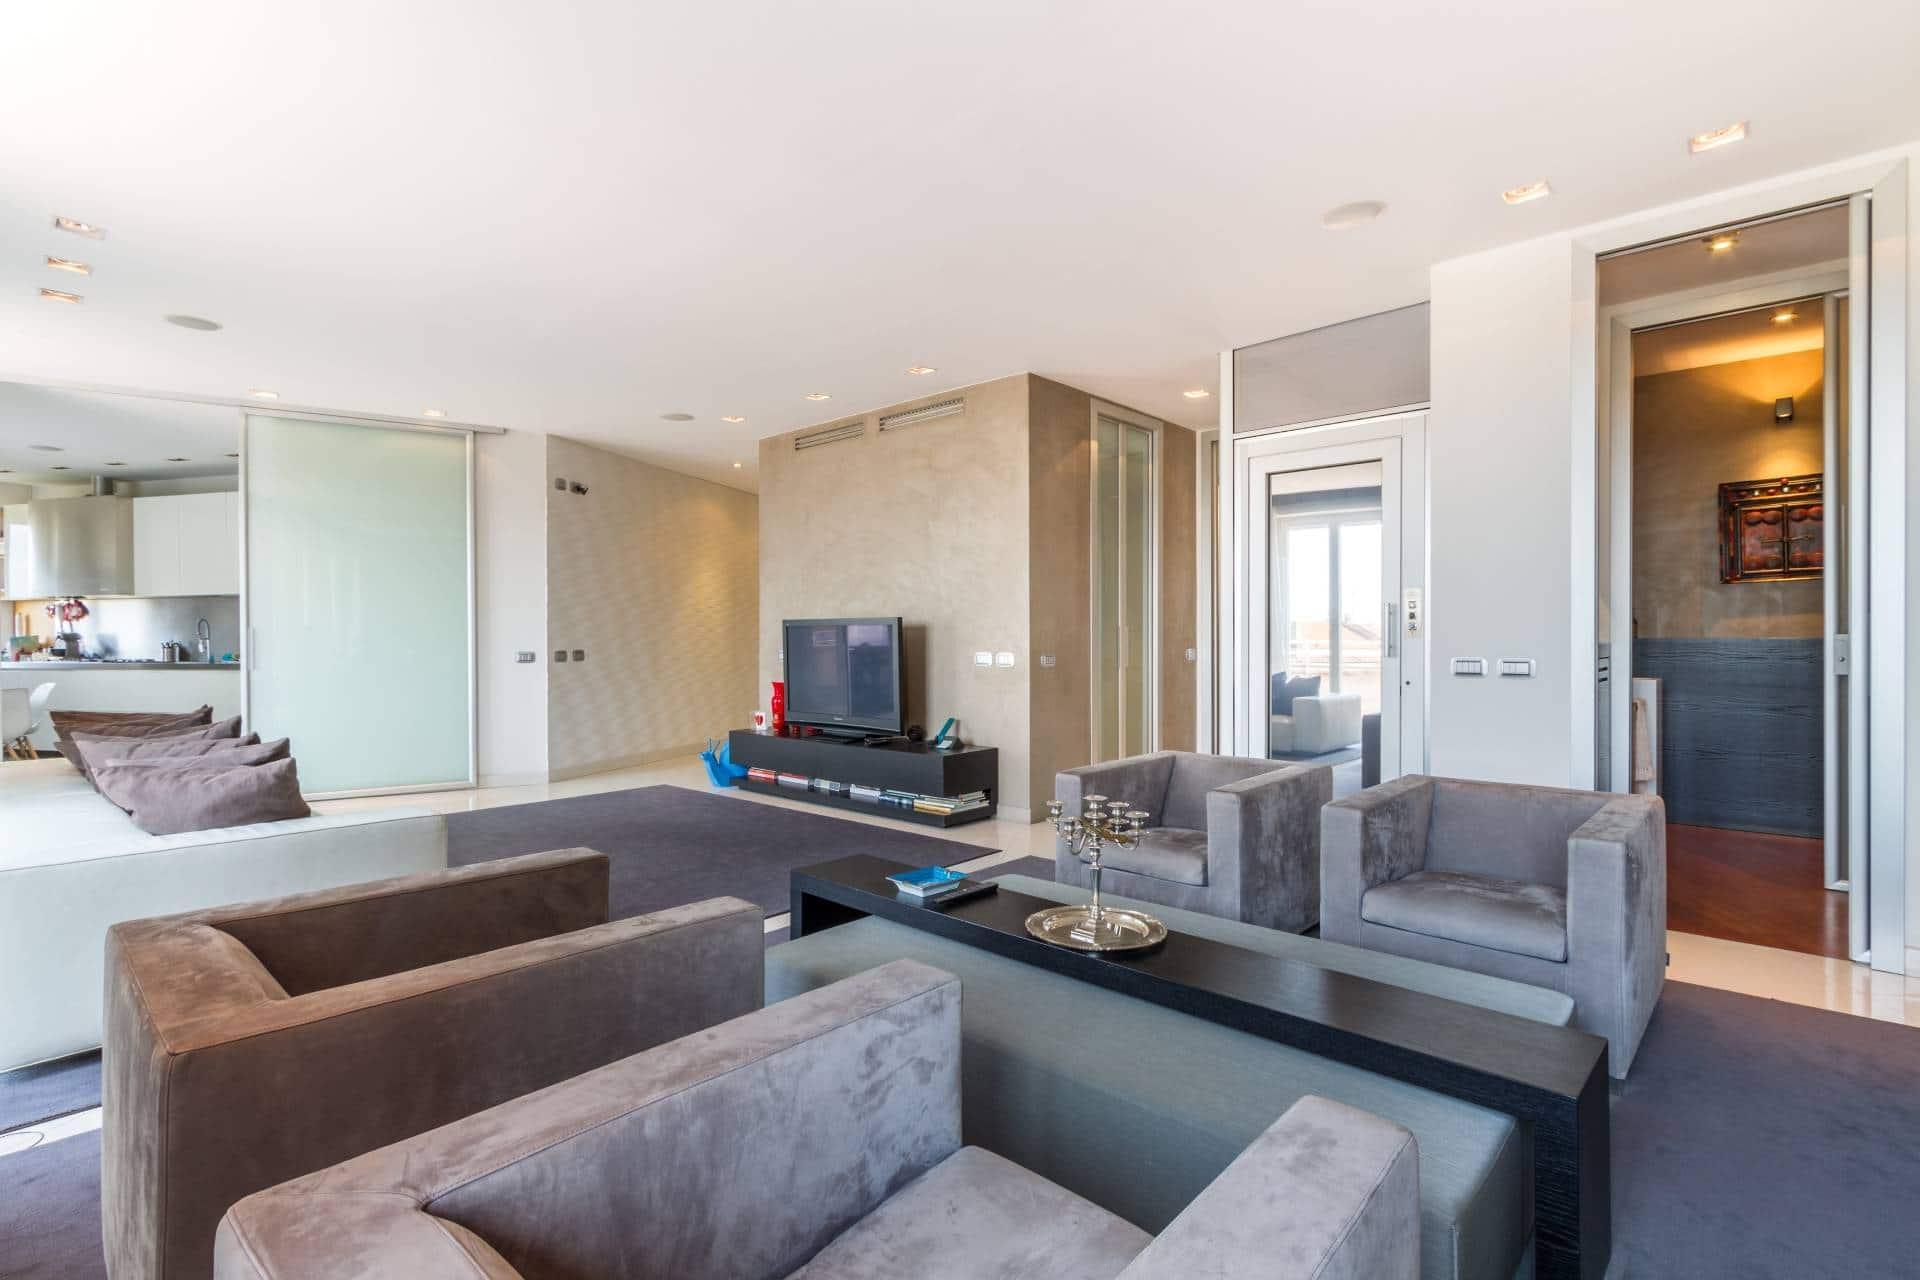 milano milano Milano e il prestigio dei suoi immobili 20180717104715 17